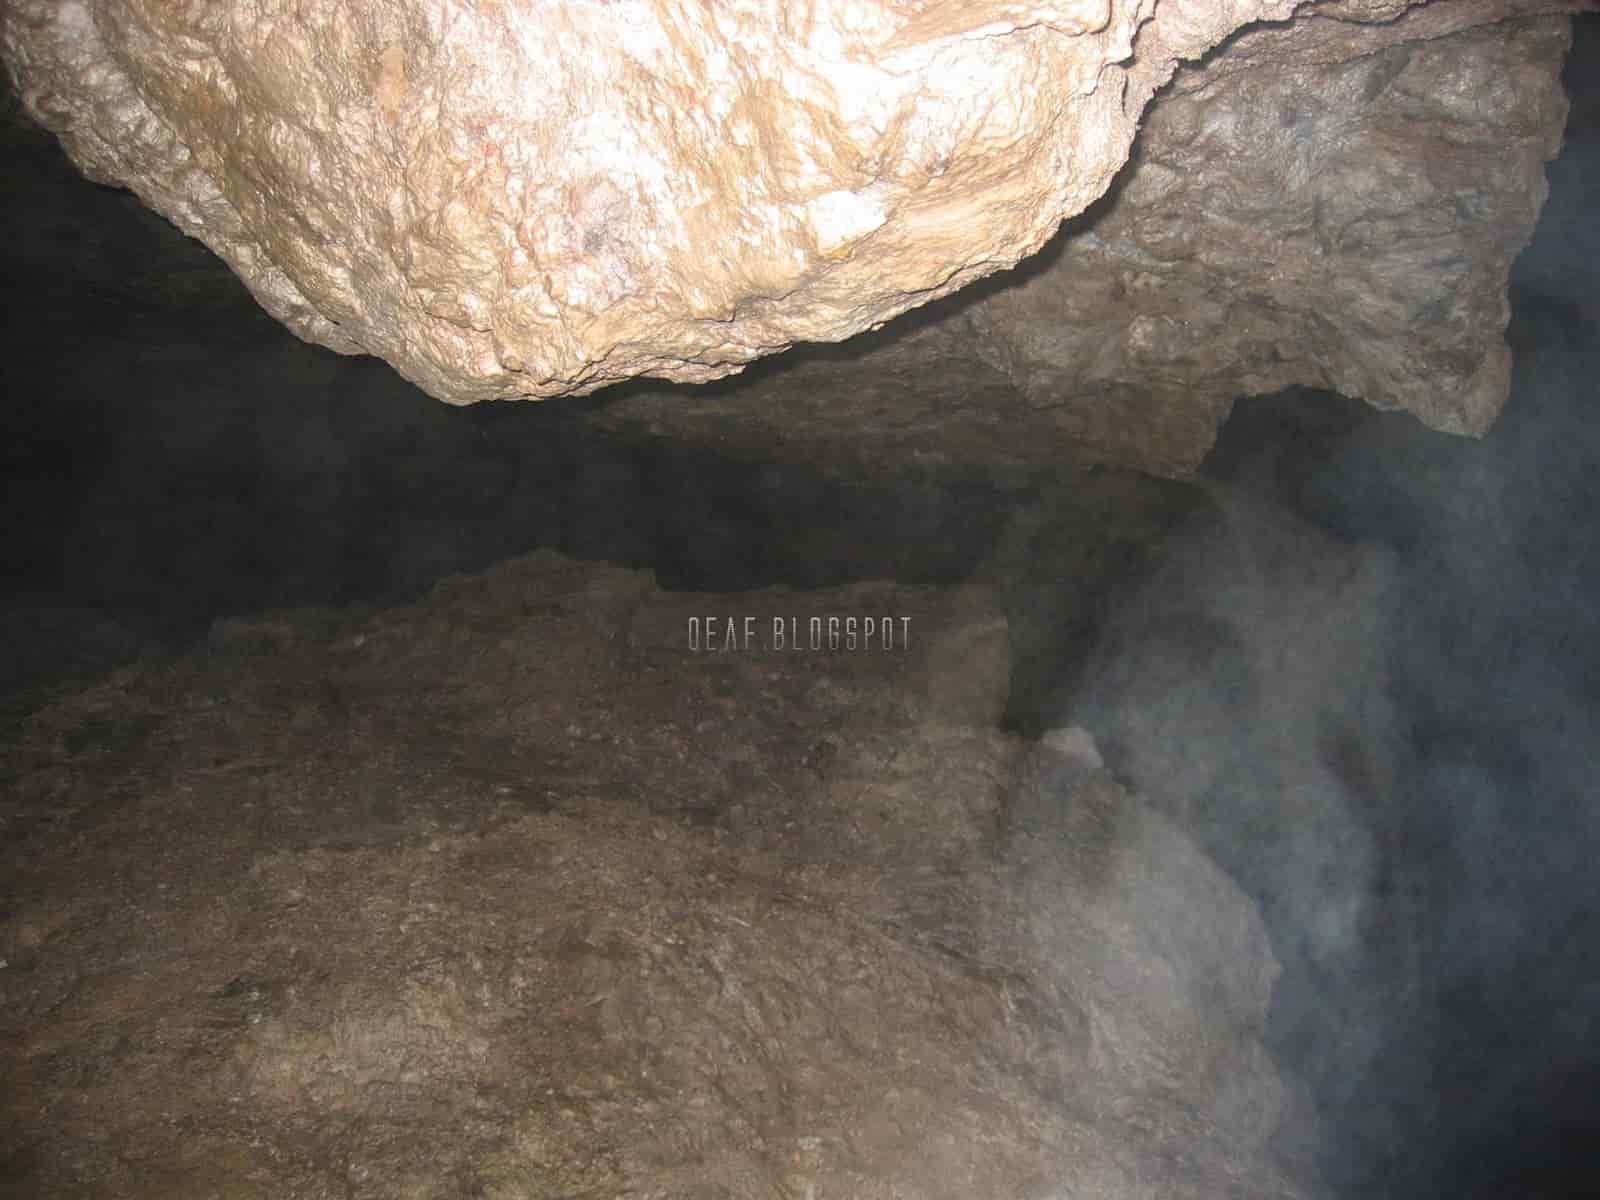 Τι Υπάρχει και Ζει Μέσα στο Σπήλαιο της Πεντέλης (εκπληκτικές φωτογραφίες και video) - Εικόνα34